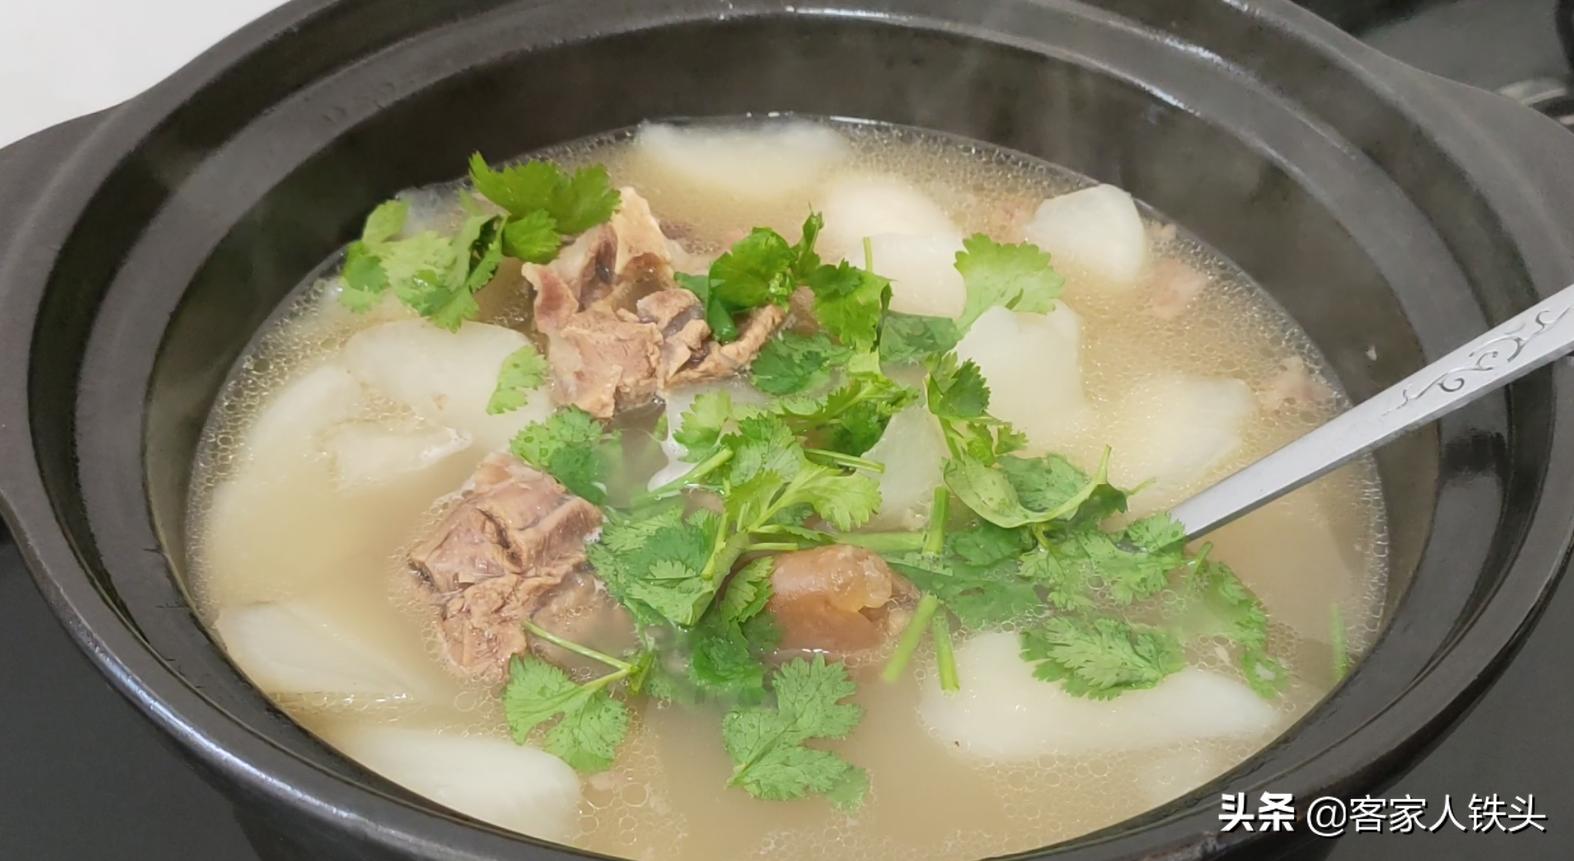 廣東人煲羊肉湯就是好喝,配料簡單湯鮮營養,一次煲一大鍋不夠喝